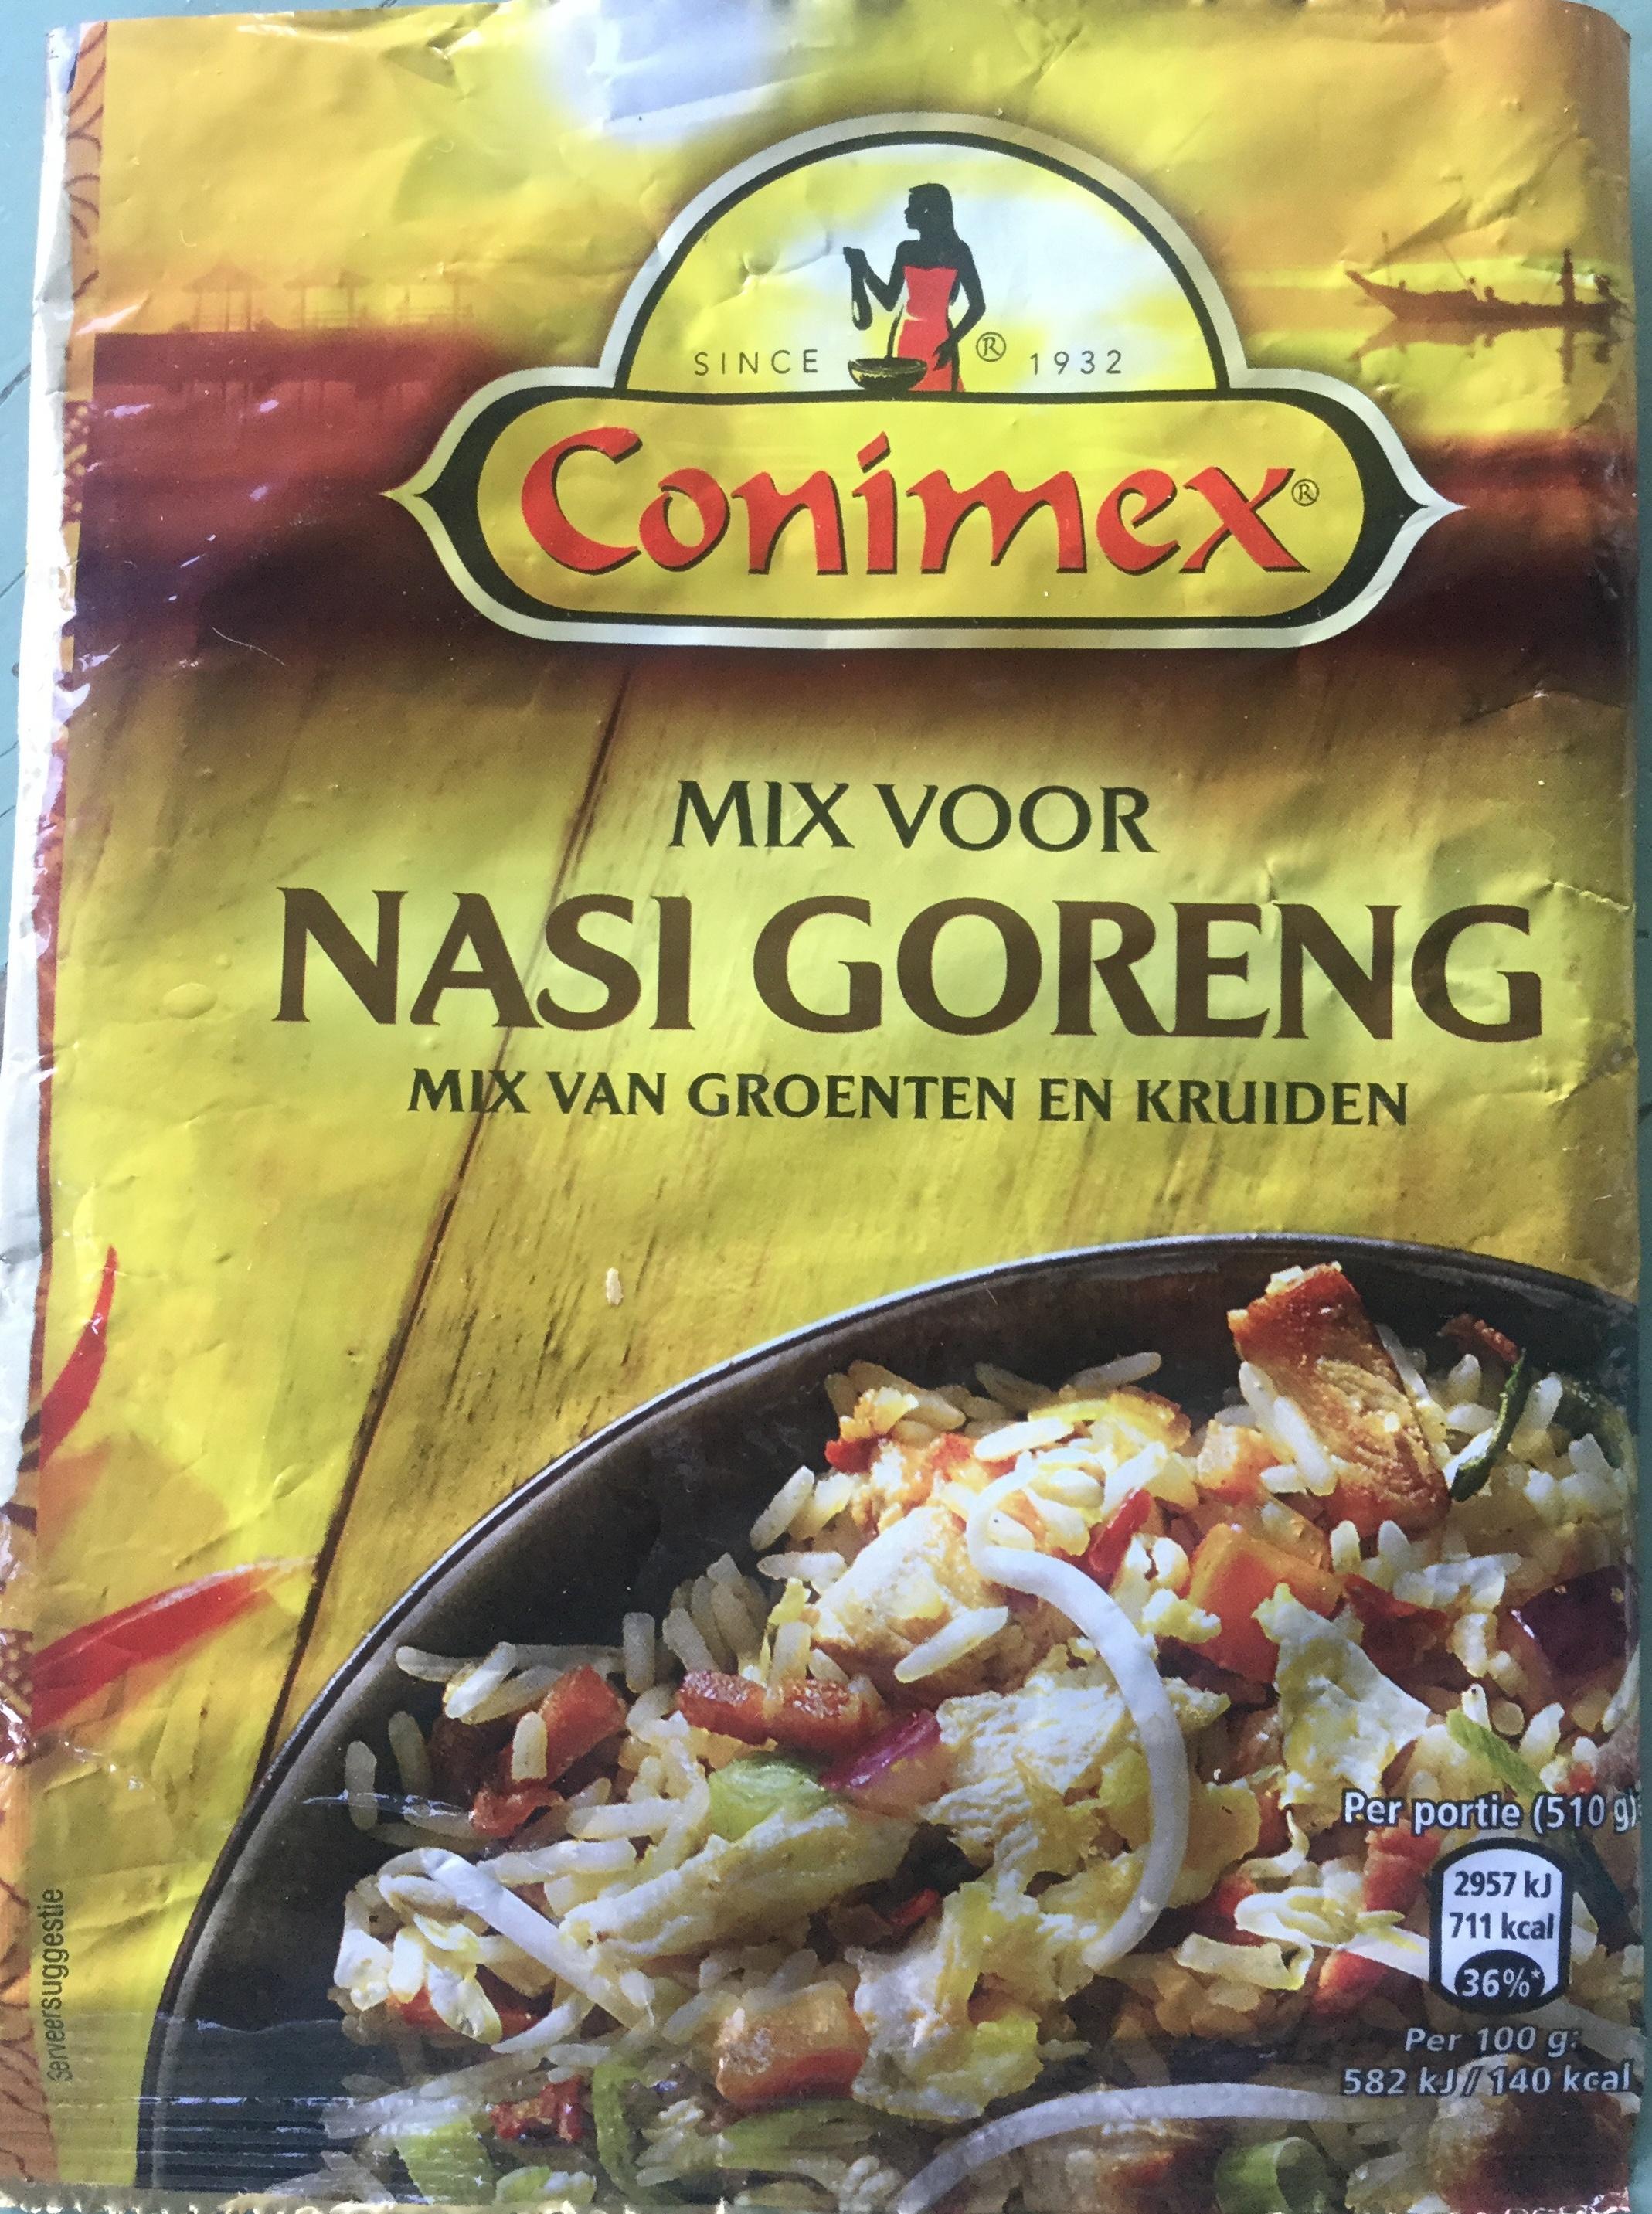 Mix voor Nasi Goreng - Product - nl